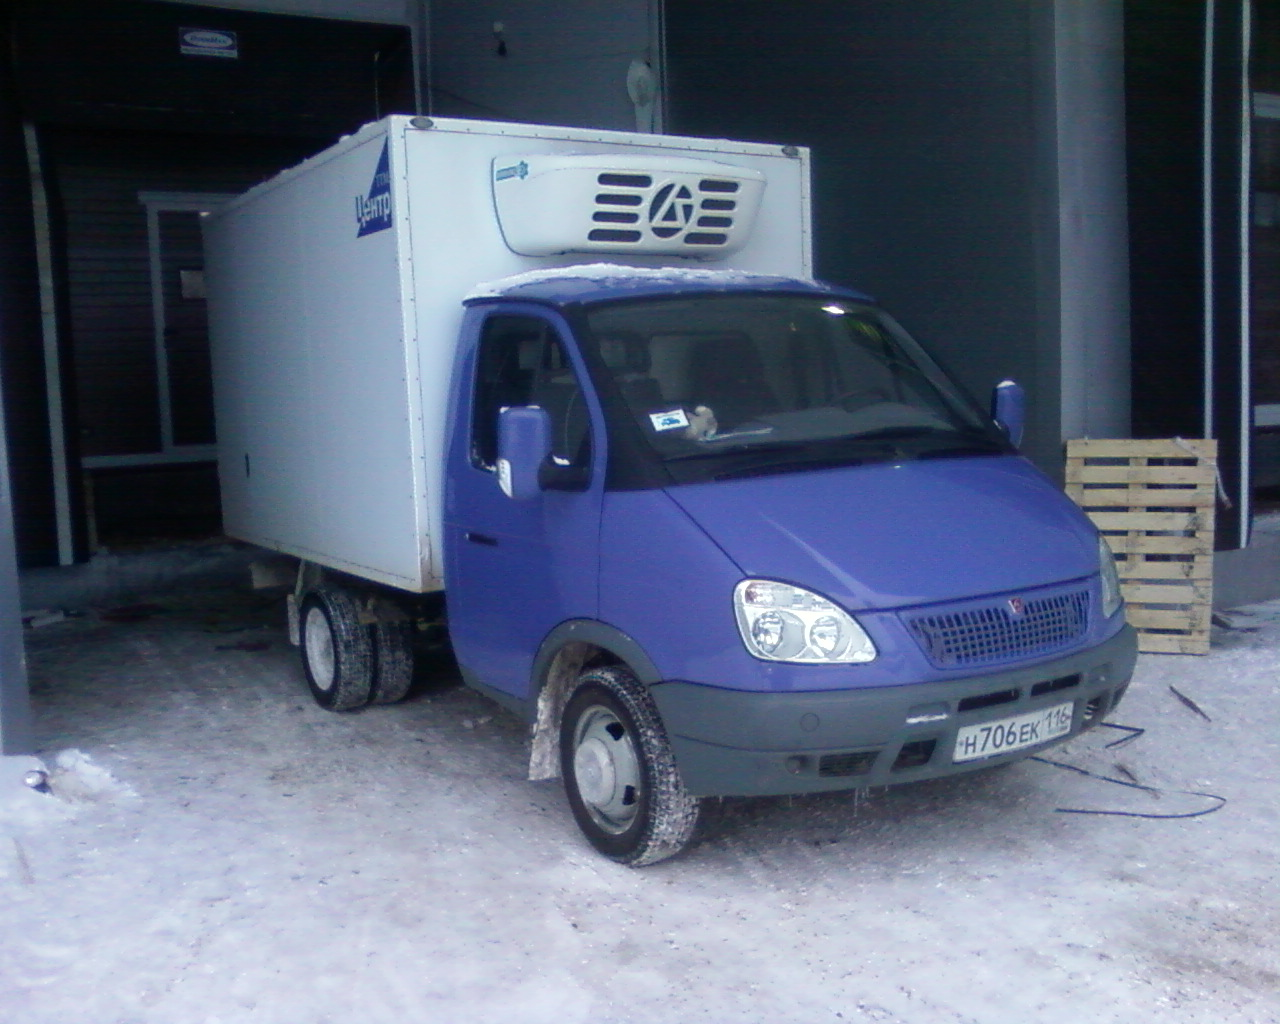 Авто бу на авито москва - 7400